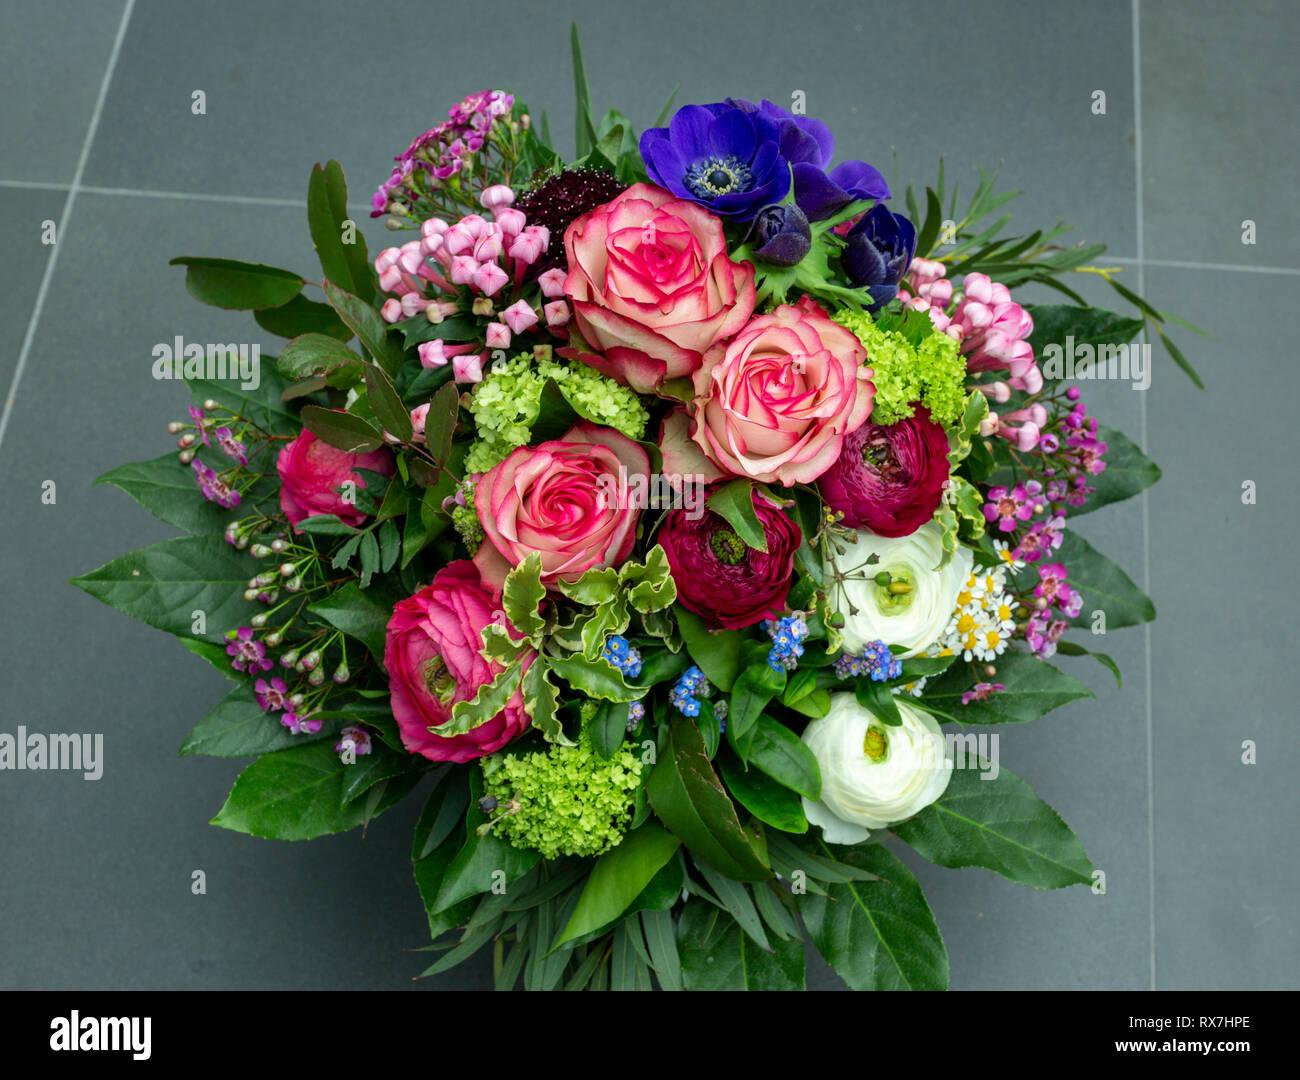 Blumen Spruche Blumenspruche Blumengedichte Und Blumenzitate